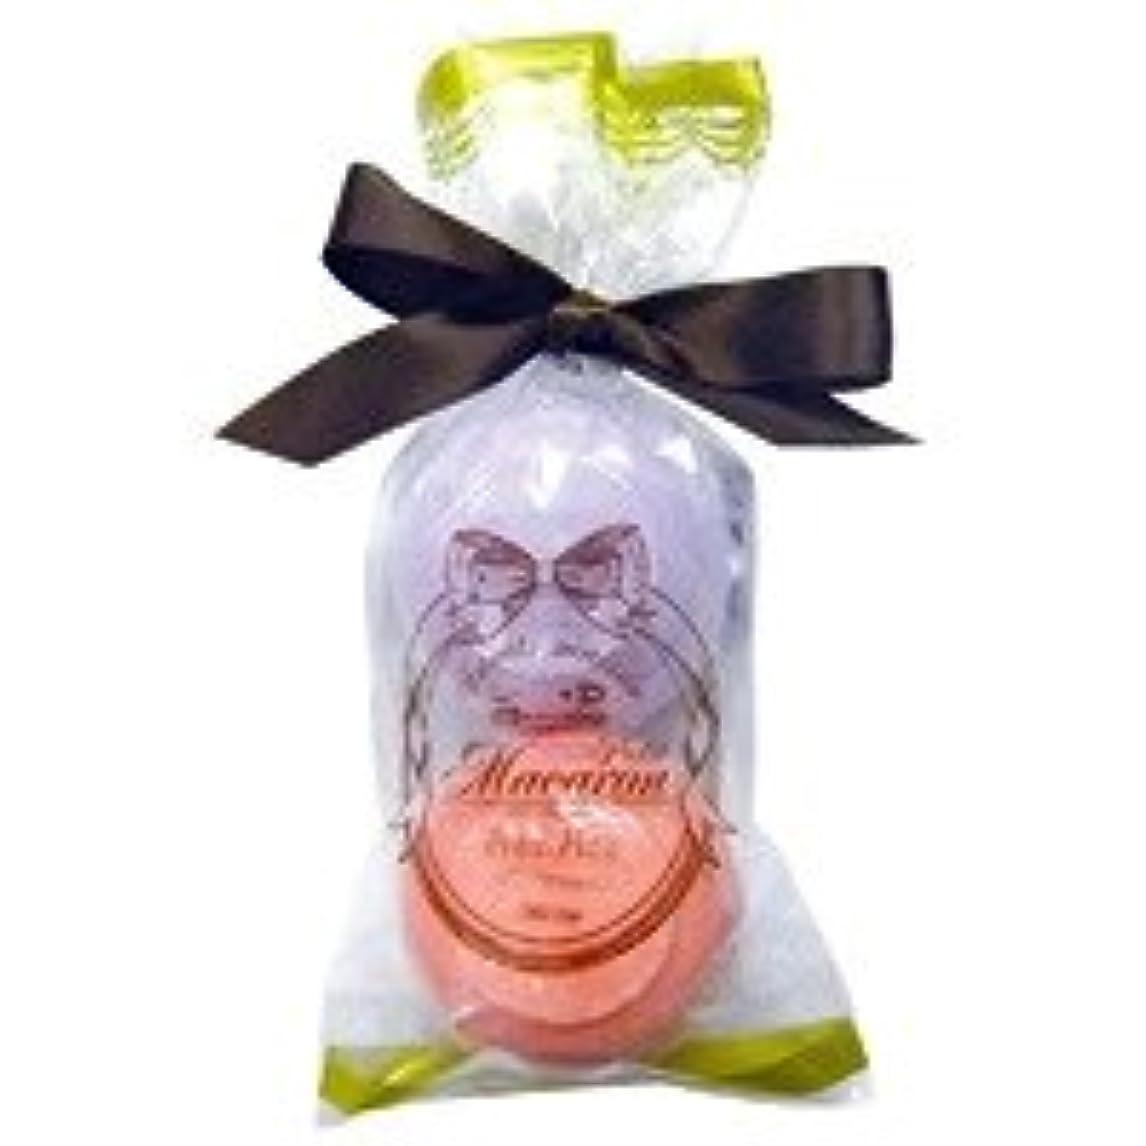 推定最後に道徳スウィーツメゾン プチマカロンミニセット「パープル&ダークピンク」6個セット フルーティーなザクロの香り&華やかなローズの香り